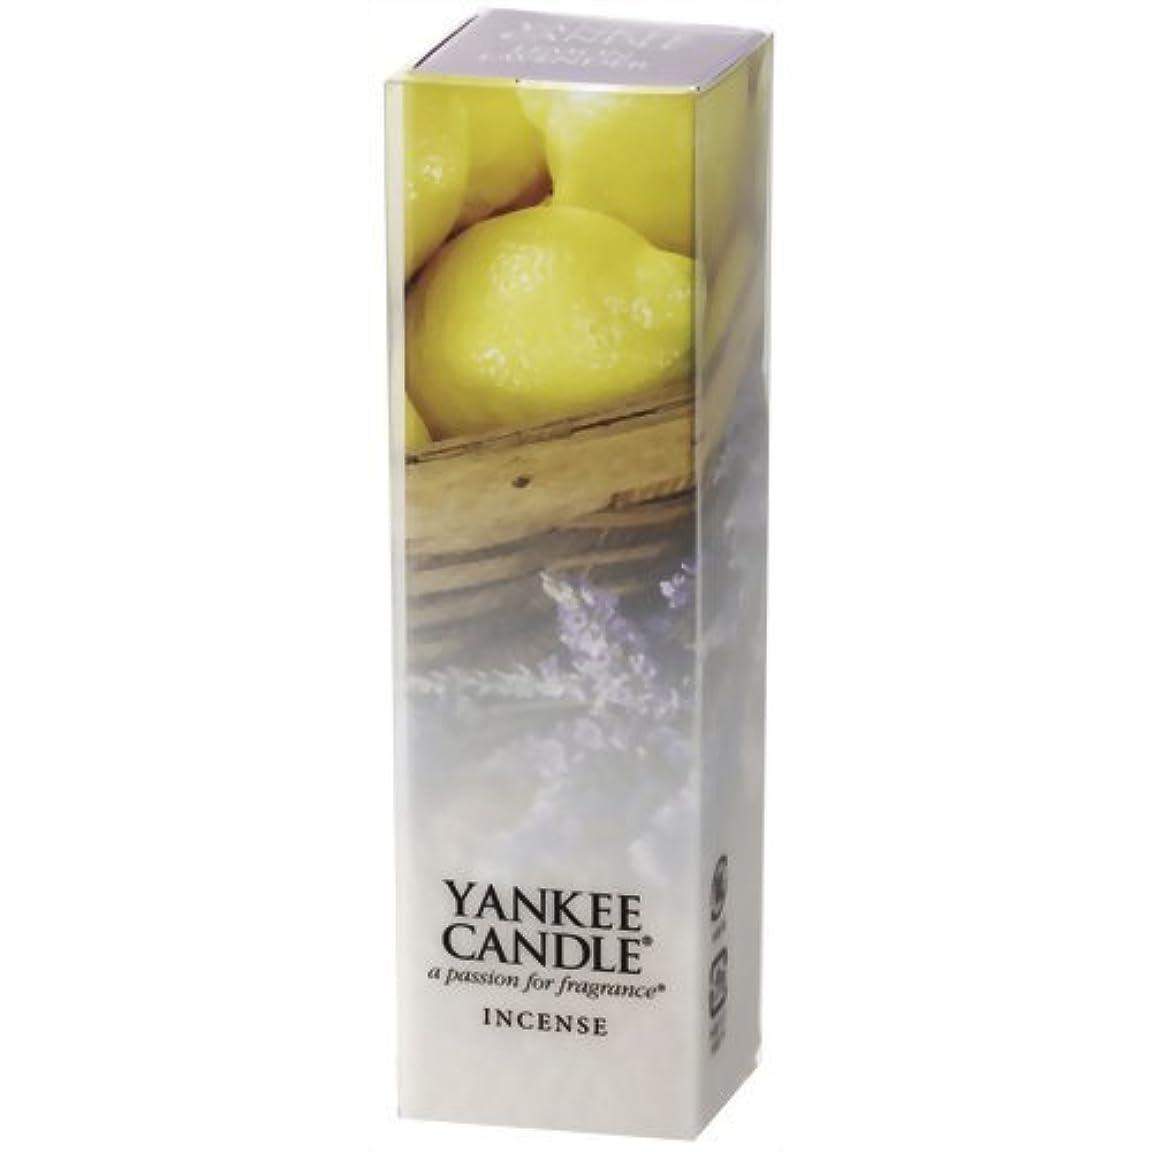 比較的海軍周術期YANKEE CANDLE(ヤンキーキャンドル) YCインセンス レモン ラベンダー